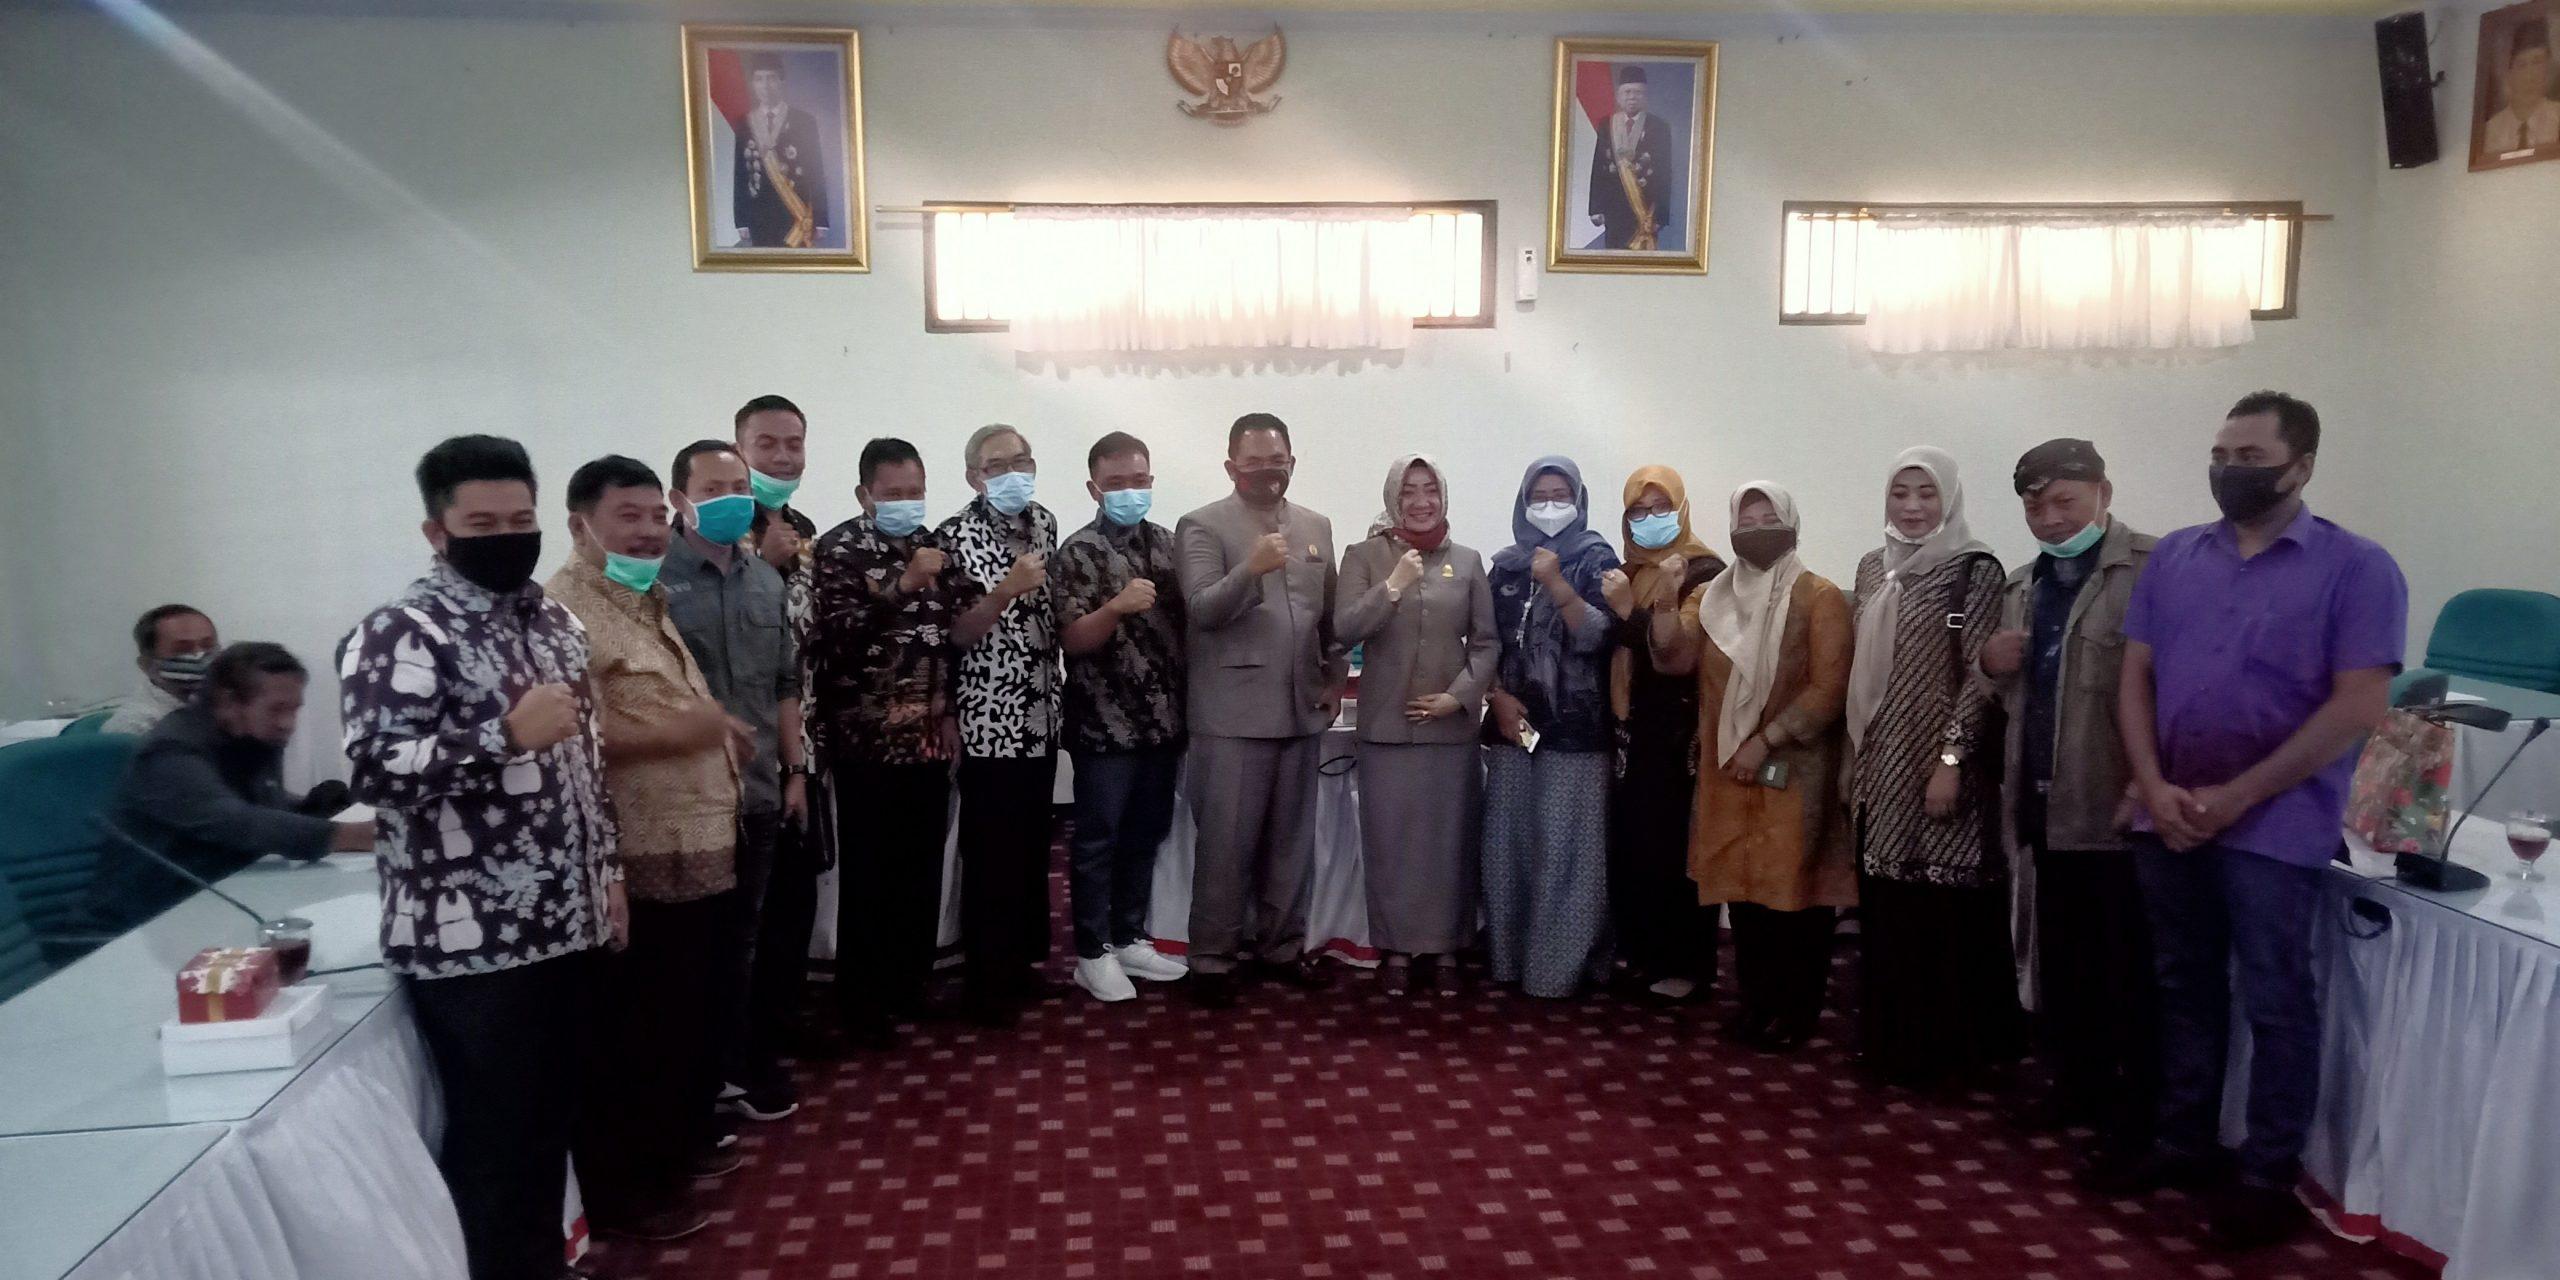 Foto bersama DPRD Gresik dan Sragen usai pemaparan dan diskusi.